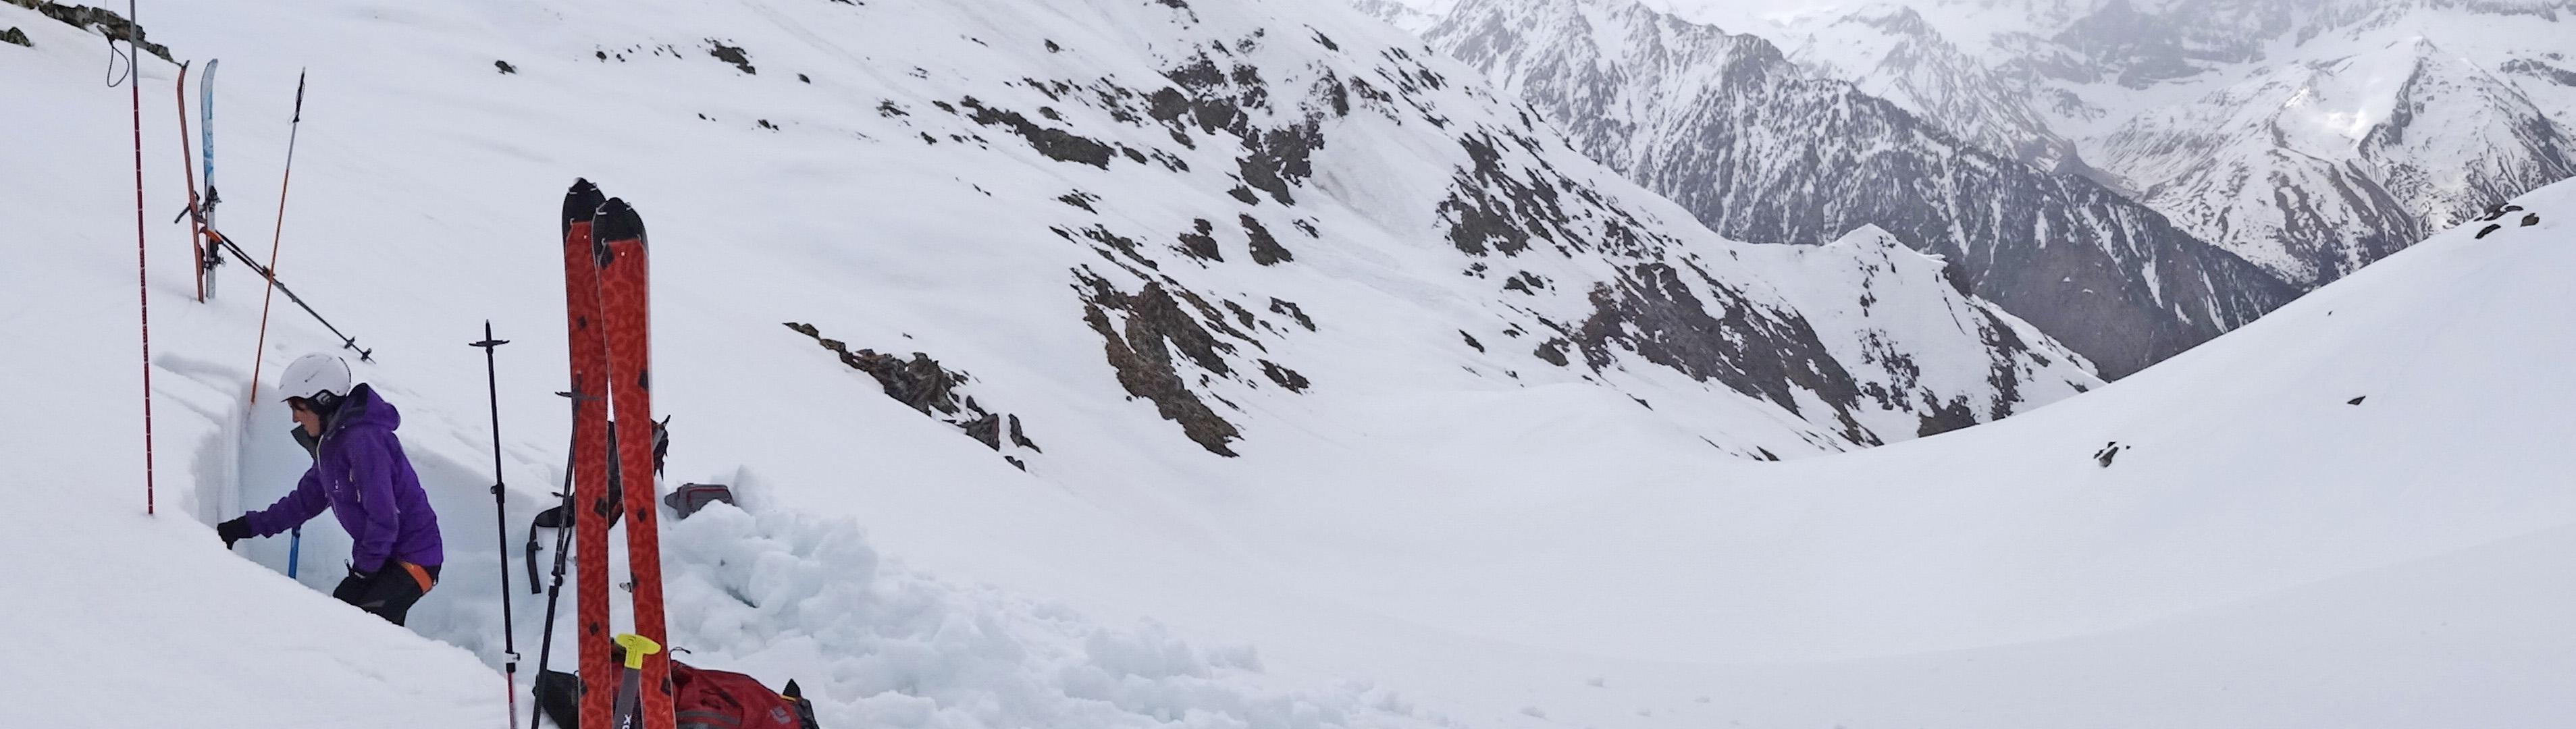 El boletín de peligro de aludes (BPA) publicado por A Lurte es una herramienta de prevención del riesgo donde se trata de exponer la situación nivometeorológica local de la cuenca del valle de Canfranc, desde su cabecera al norte en los valles de Candanchú y Astún hasta su cierre en Villanúa.